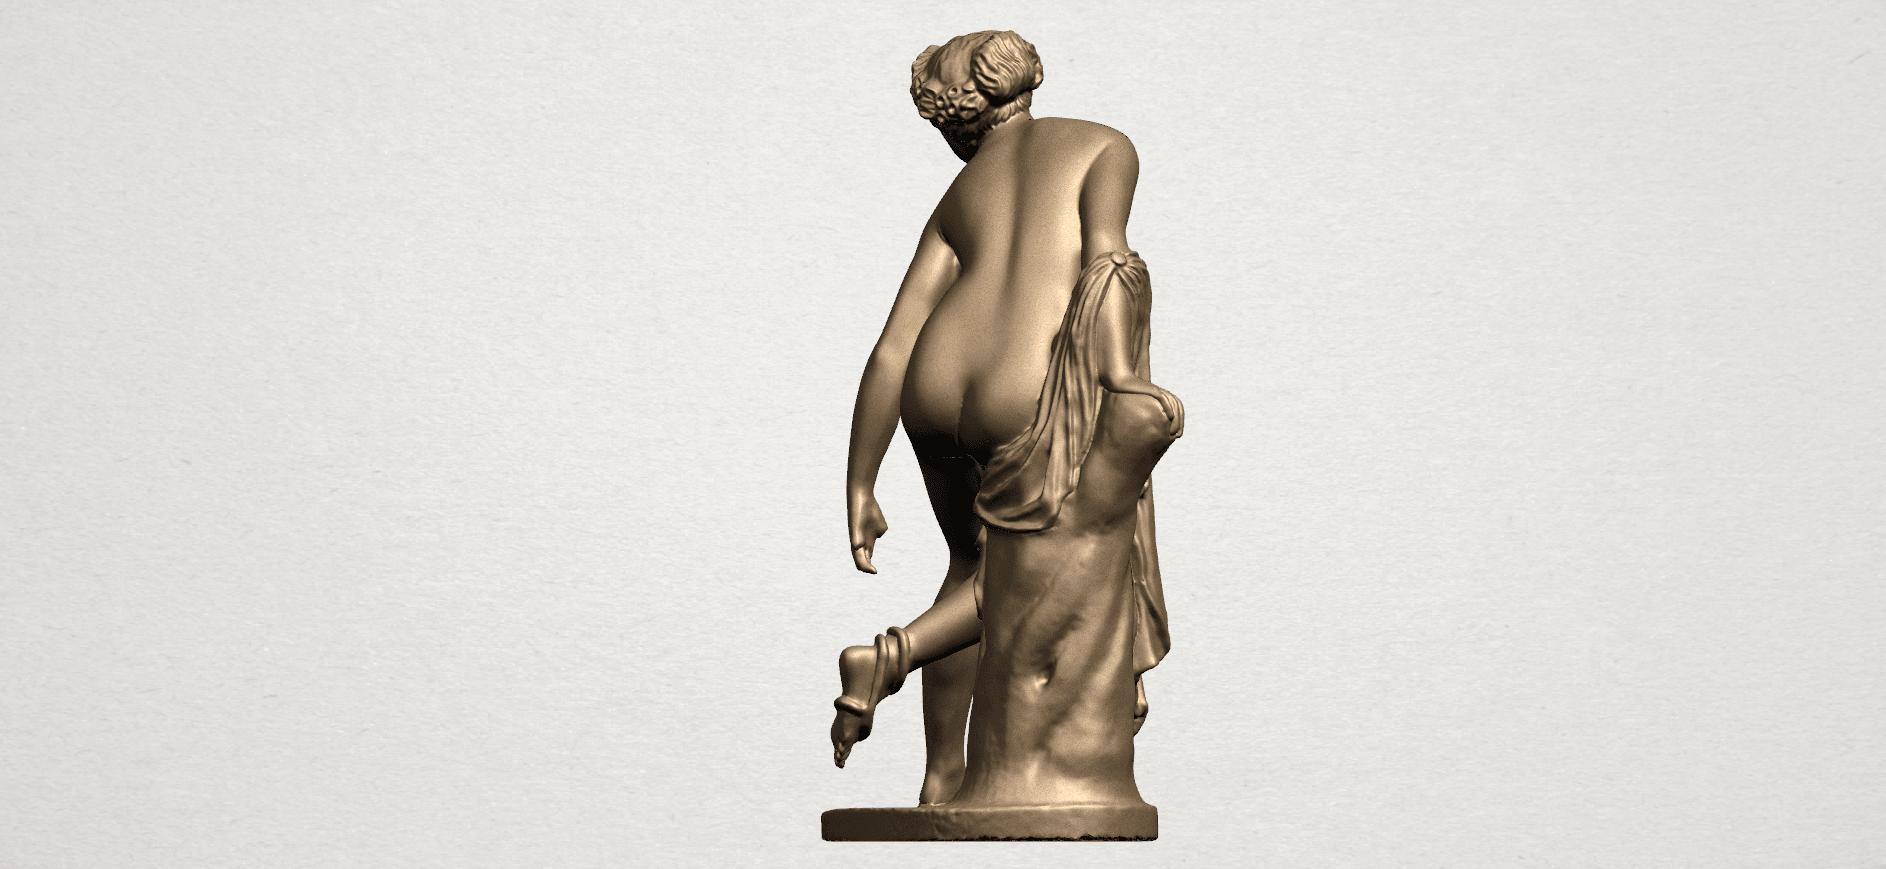 Naked Girl (v) A04.png Download free STL file Naked Girl 05 • 3D printer design, GeorgesNikkei